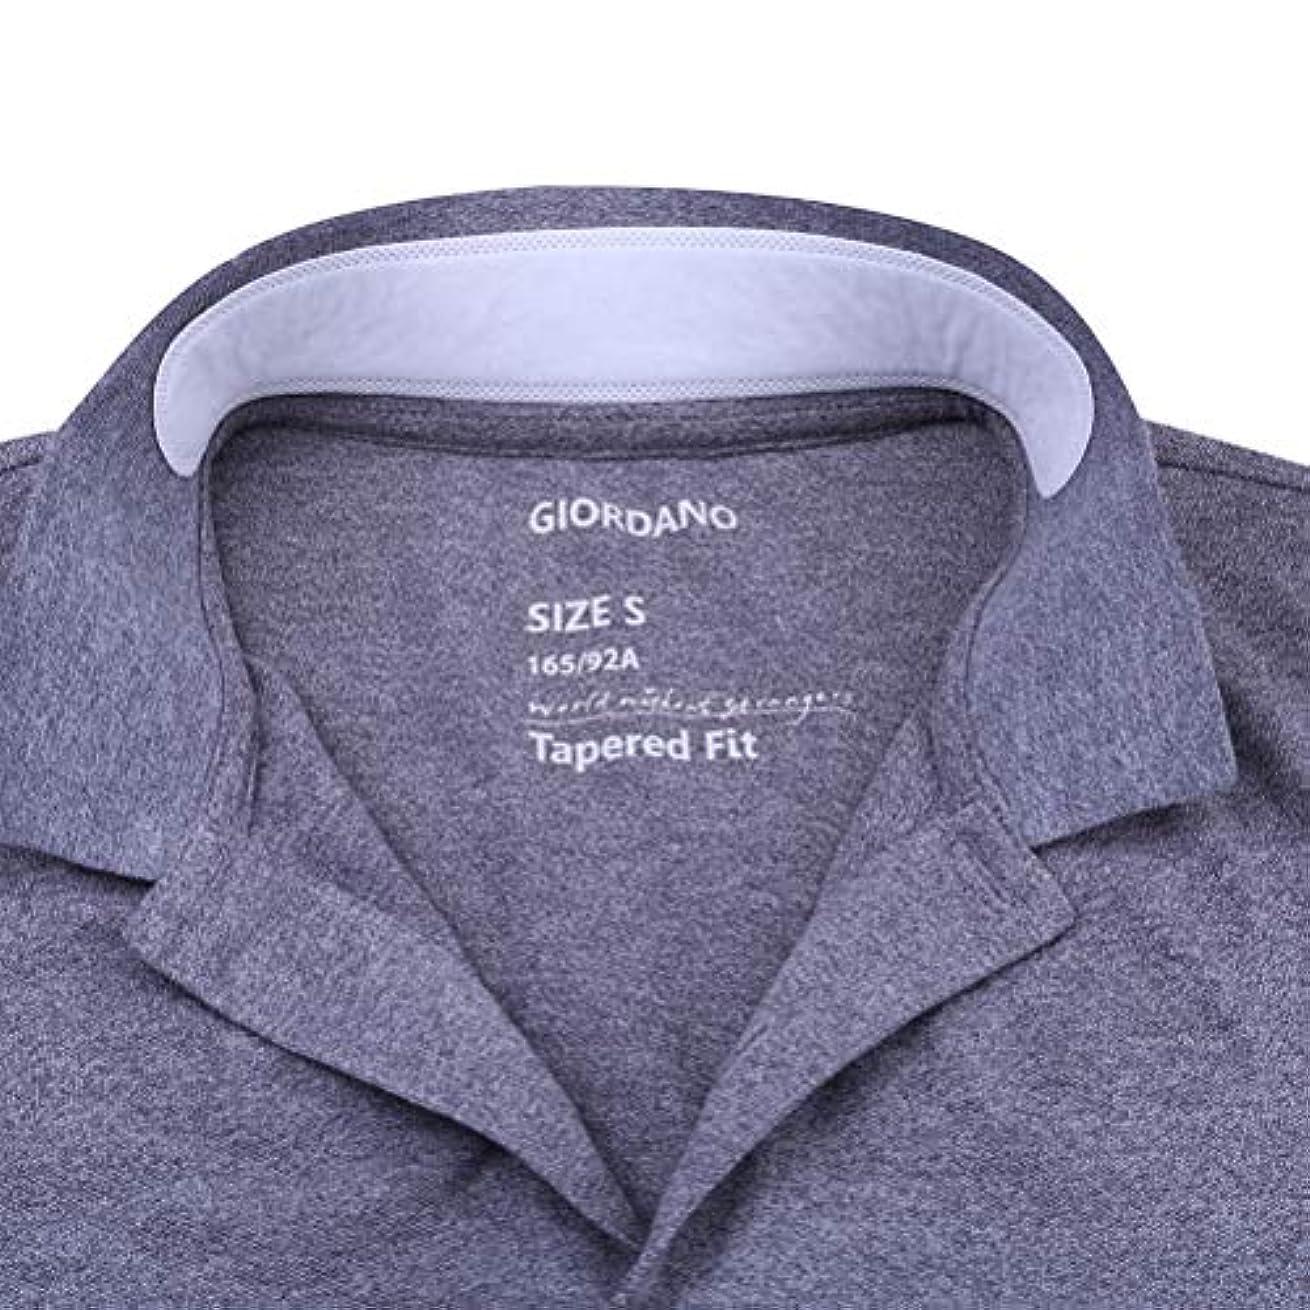 スキャンダル料理努力するOUNONA よごれガードテープ 襟 汗取りパッド ワイシャツ 汗取りシート えり汚れ防止 100枚